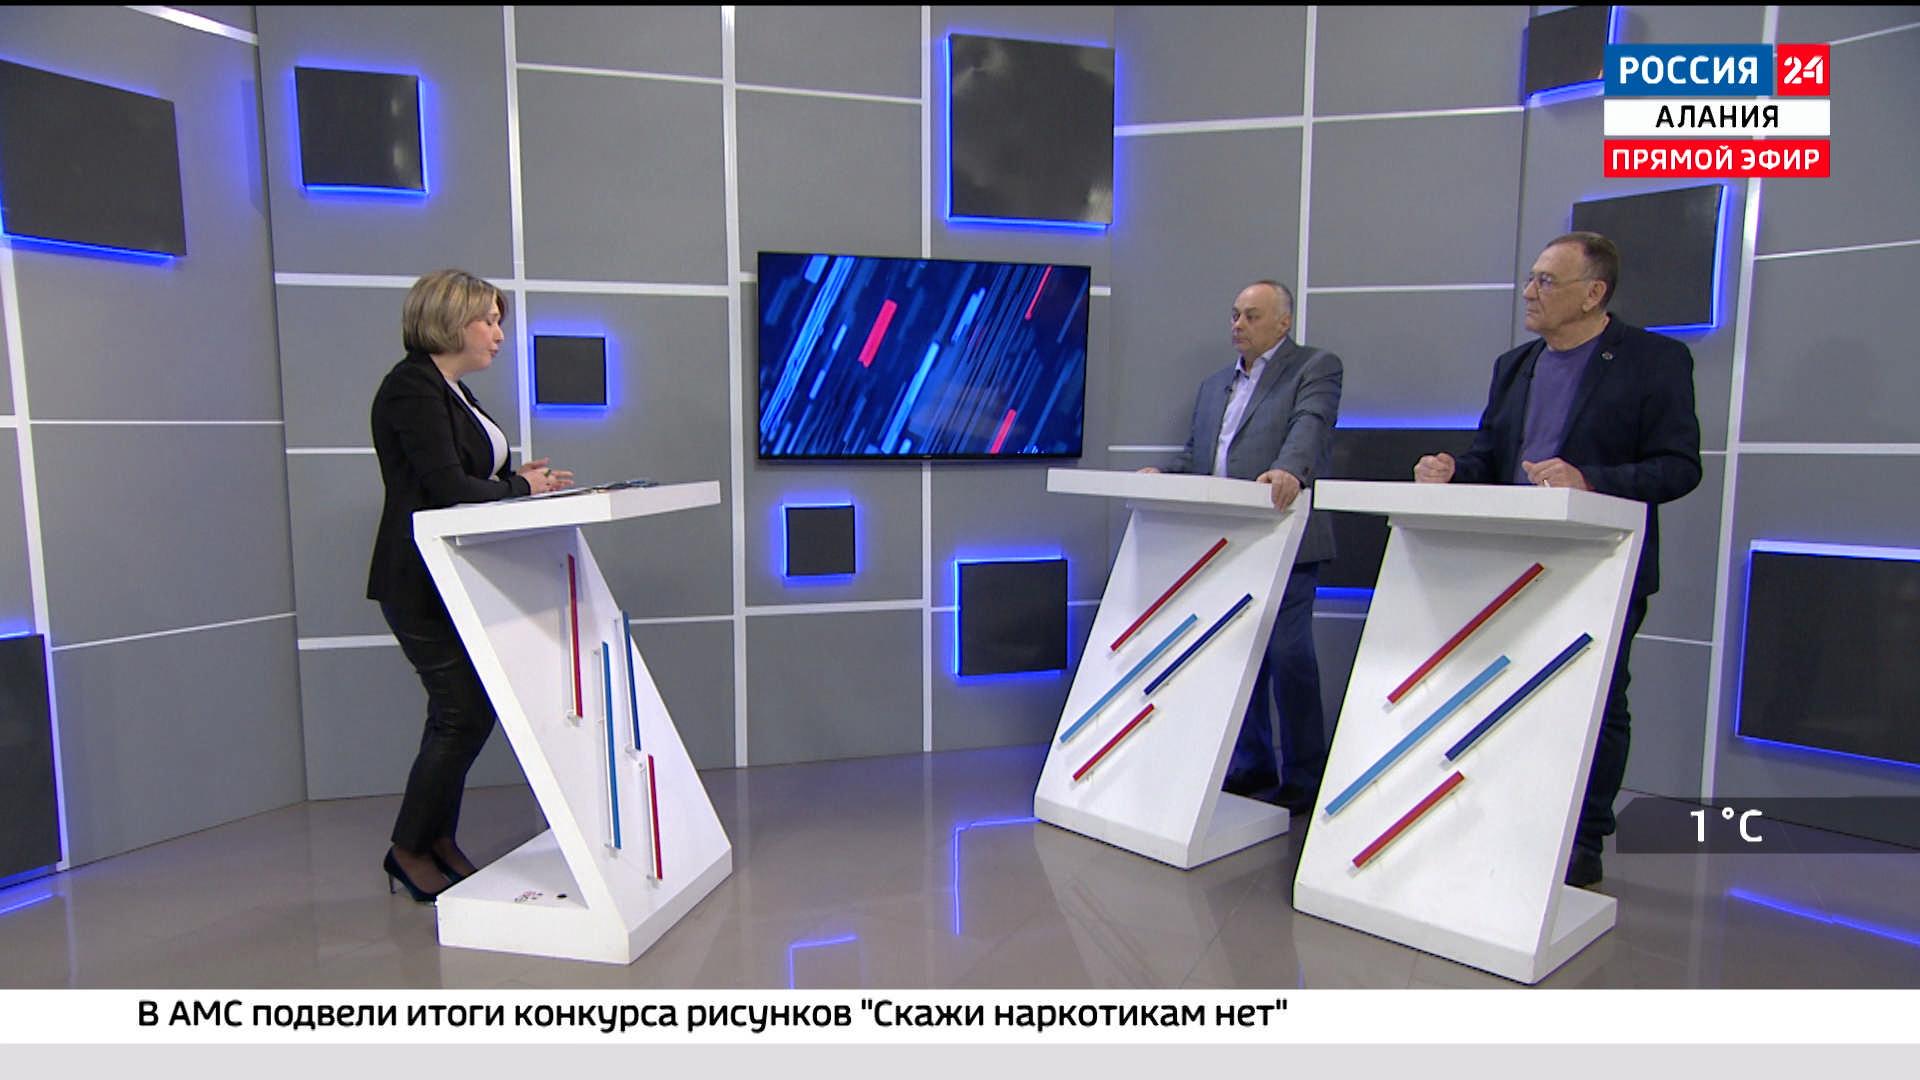 Россия 24. Неспортивное поведение